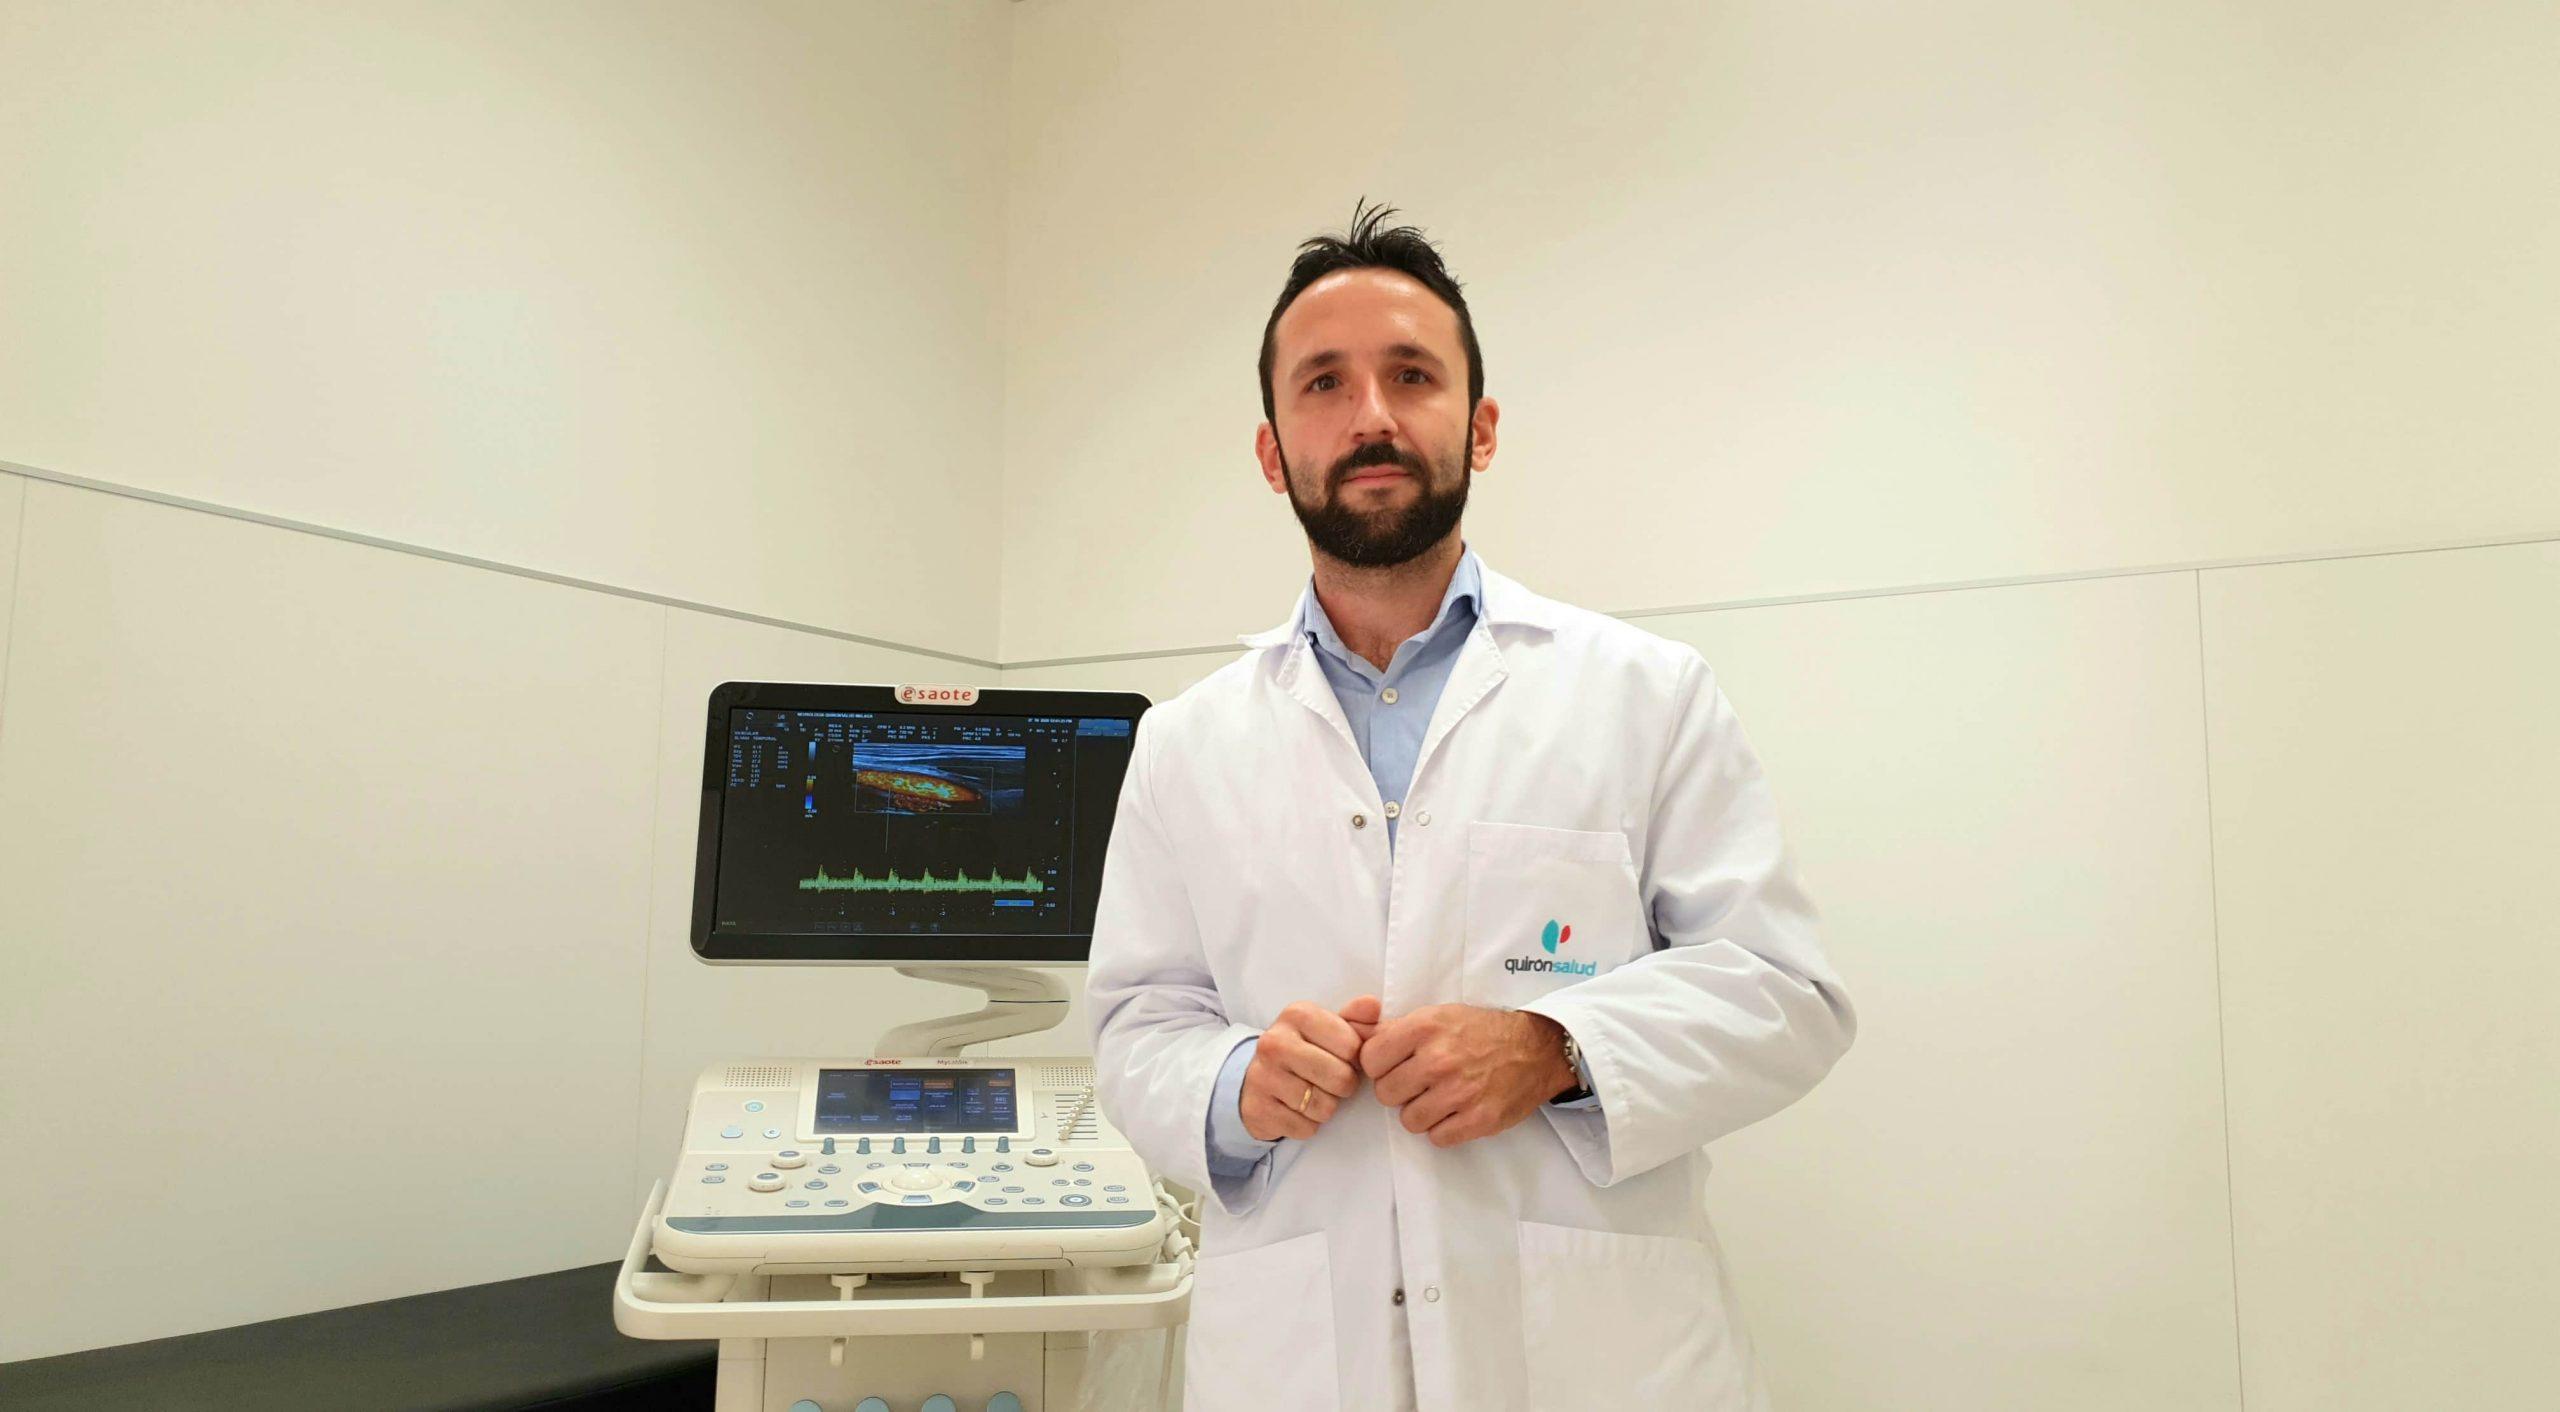 Dr José Antonio Sánchez Neurología Quirónsalud Málaga.